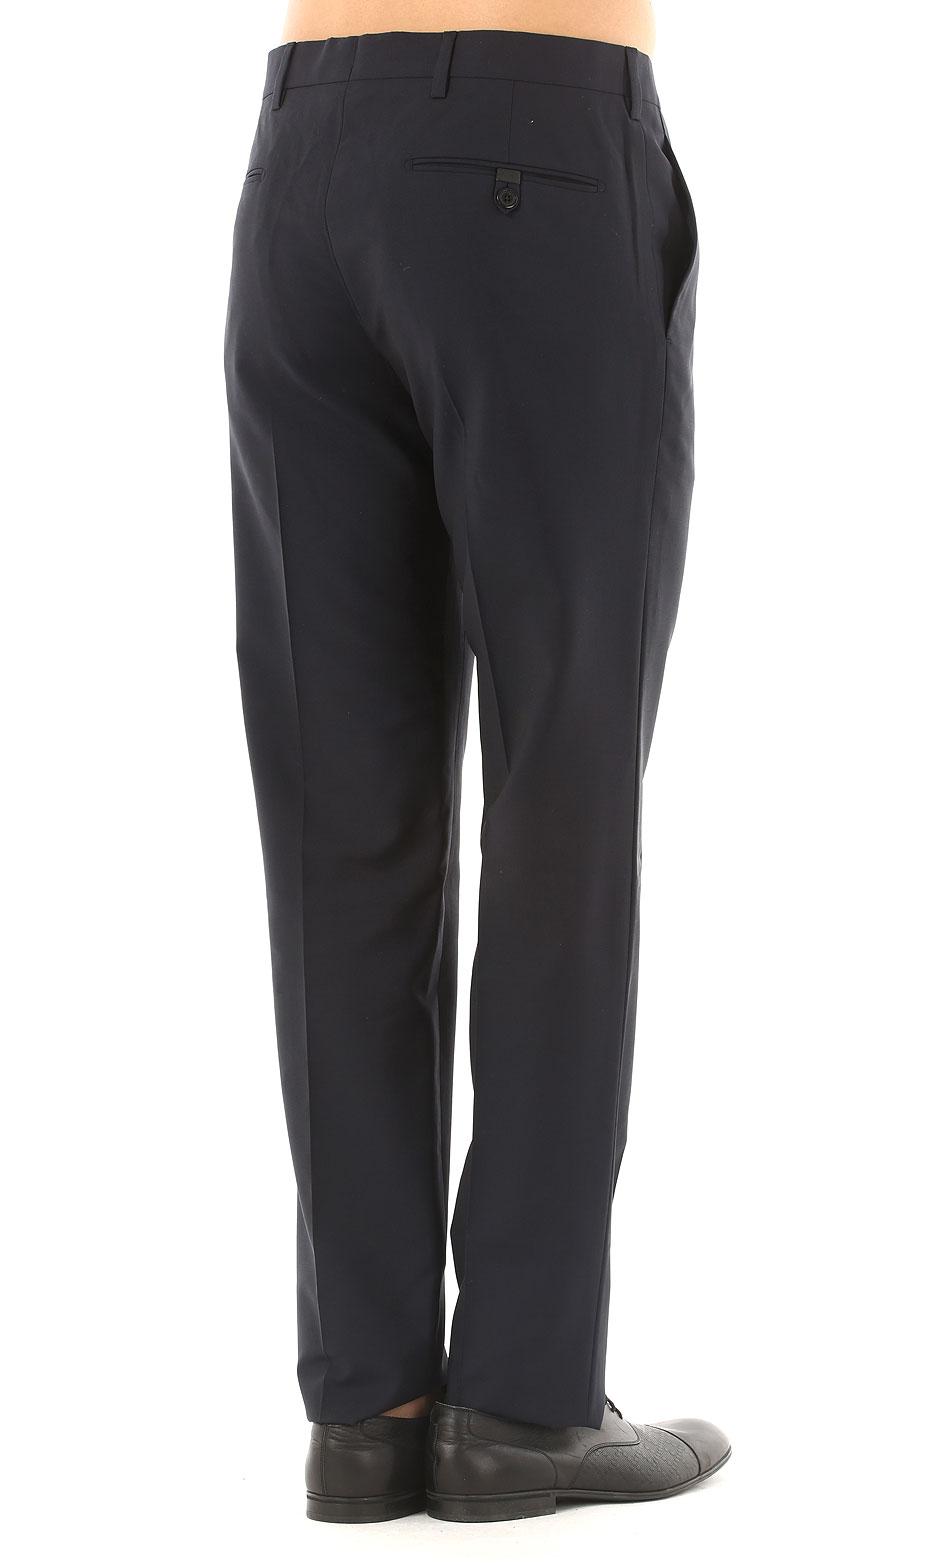 Abbigliamento Uomo Prada Codice Articolo Upa841-d39-f0008